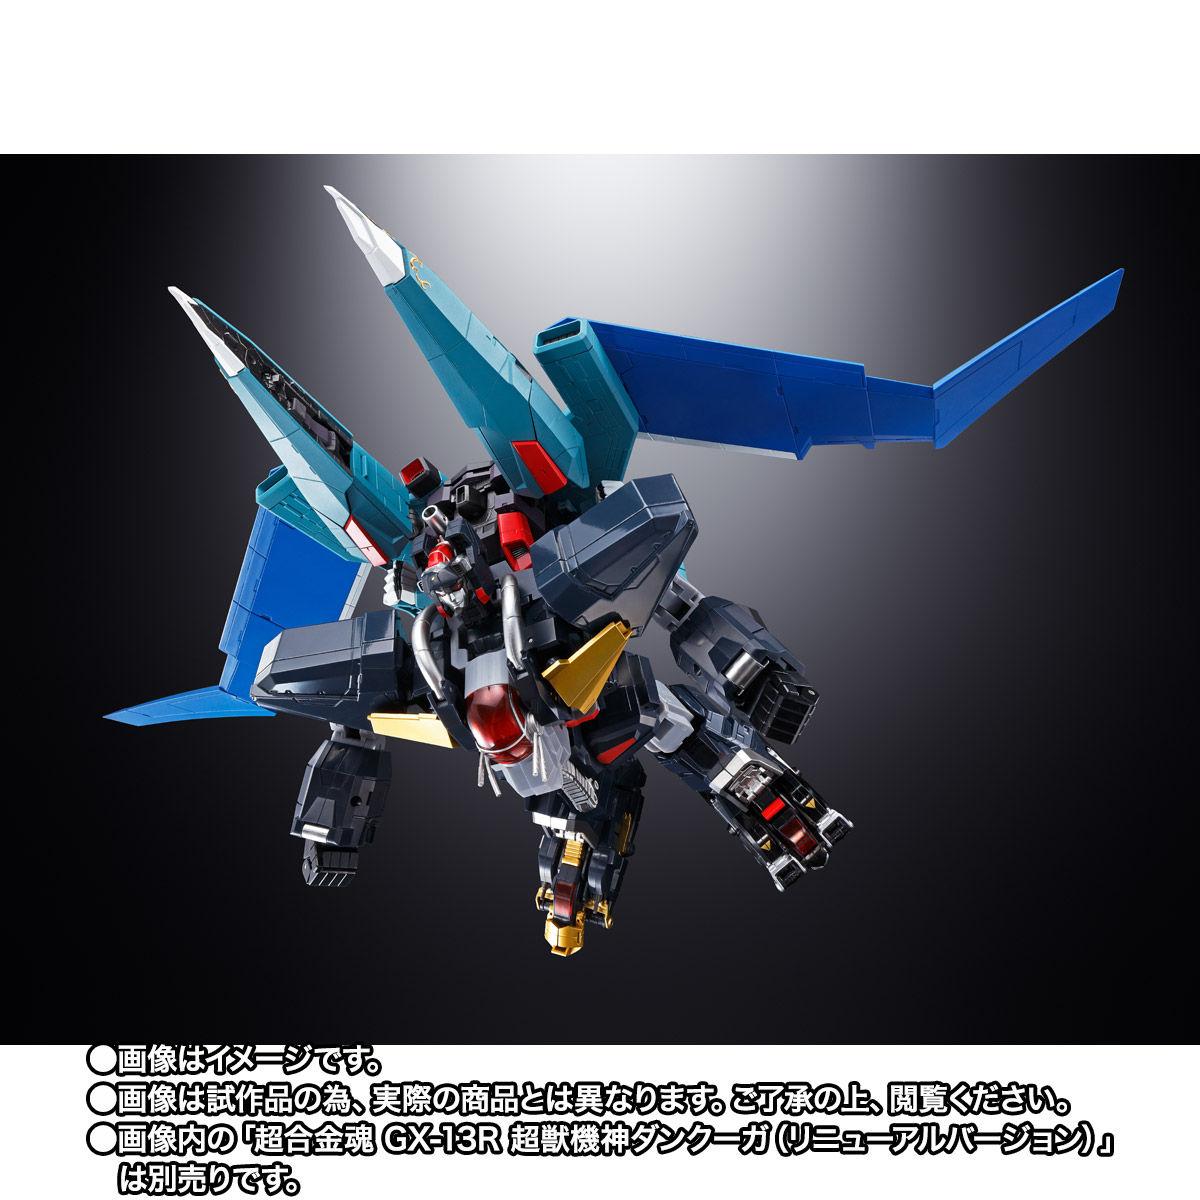 【限定販売】超合金魂 GX-94『ブラックウイング』超獣機神ダンクーガ 可変可動フィギュア-010